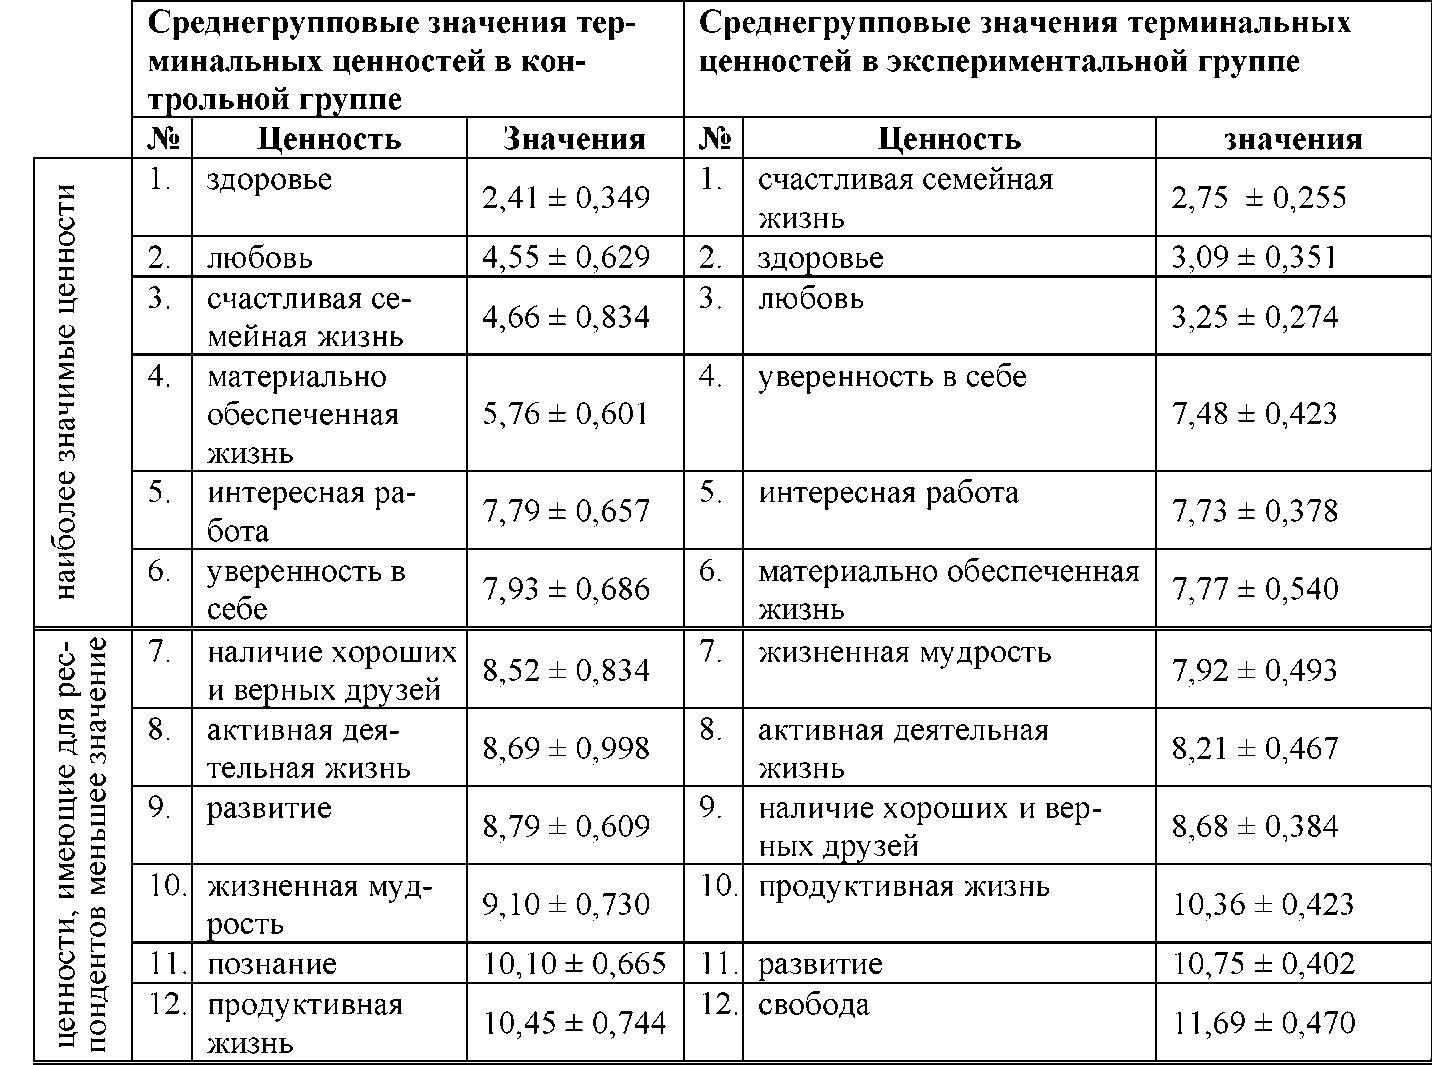 metodika-diagnostika-seksualnoy-orientatsii-obrabotka